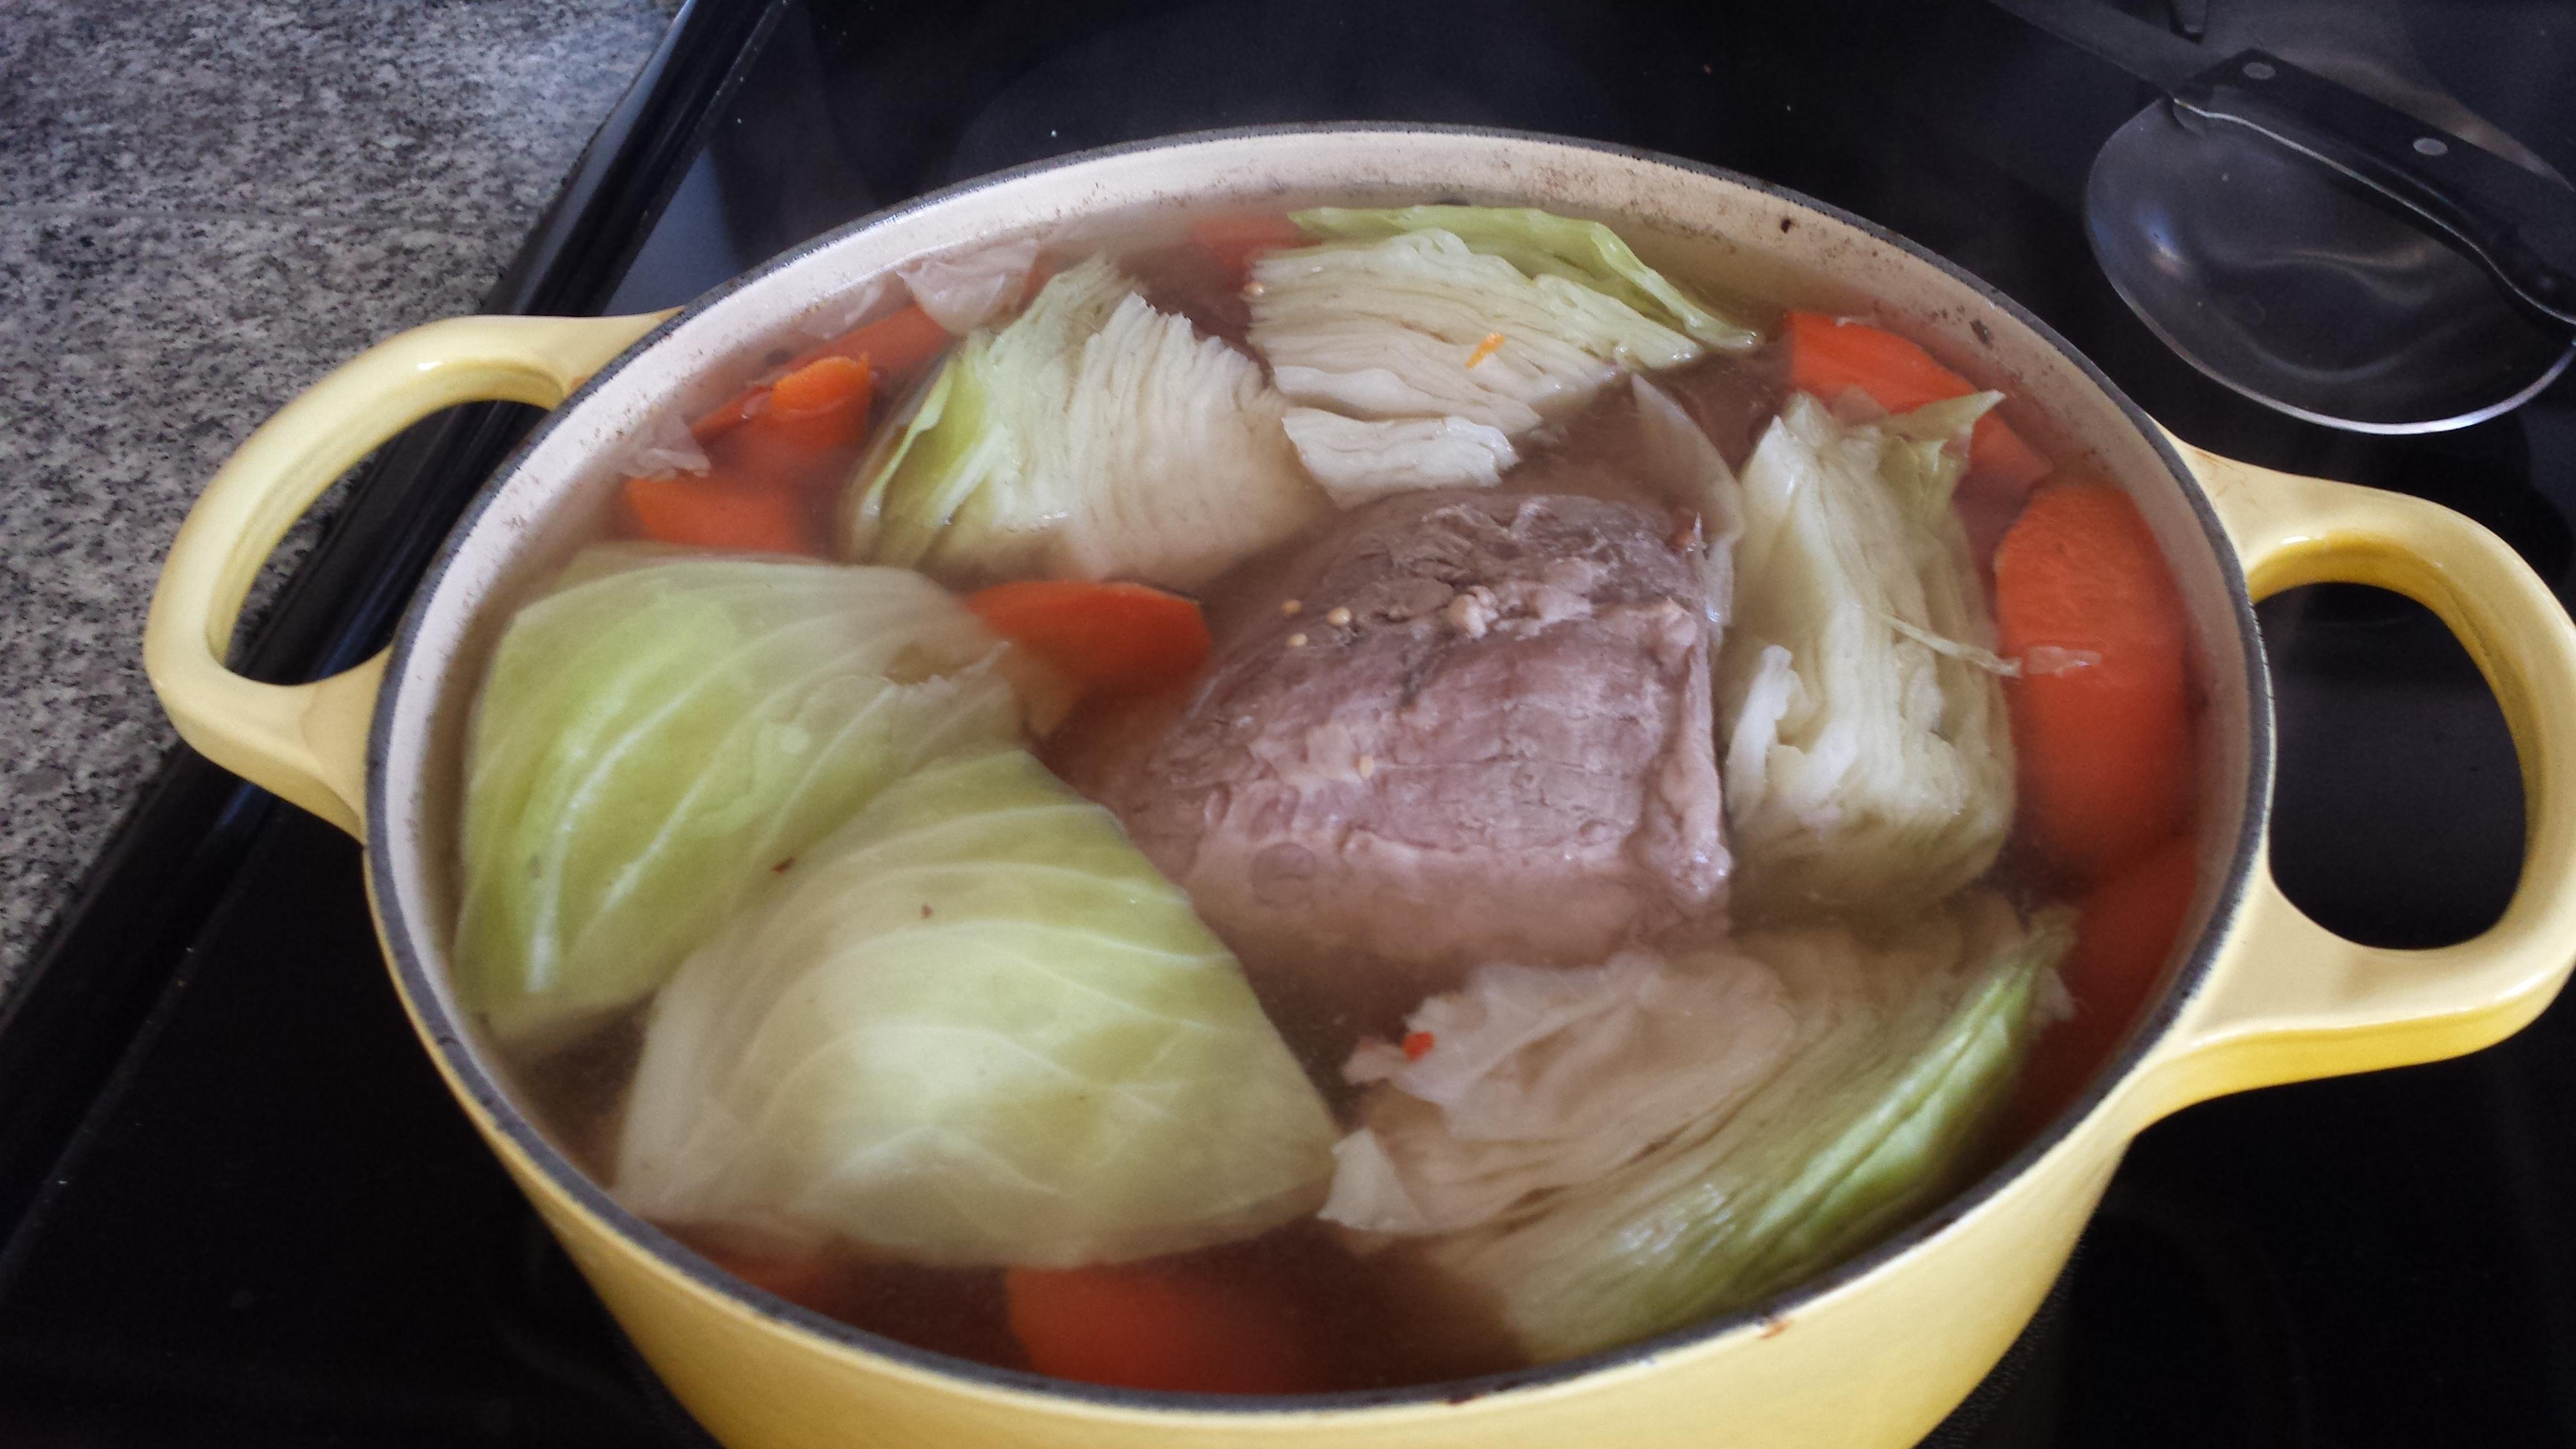 Cornbeef cooking